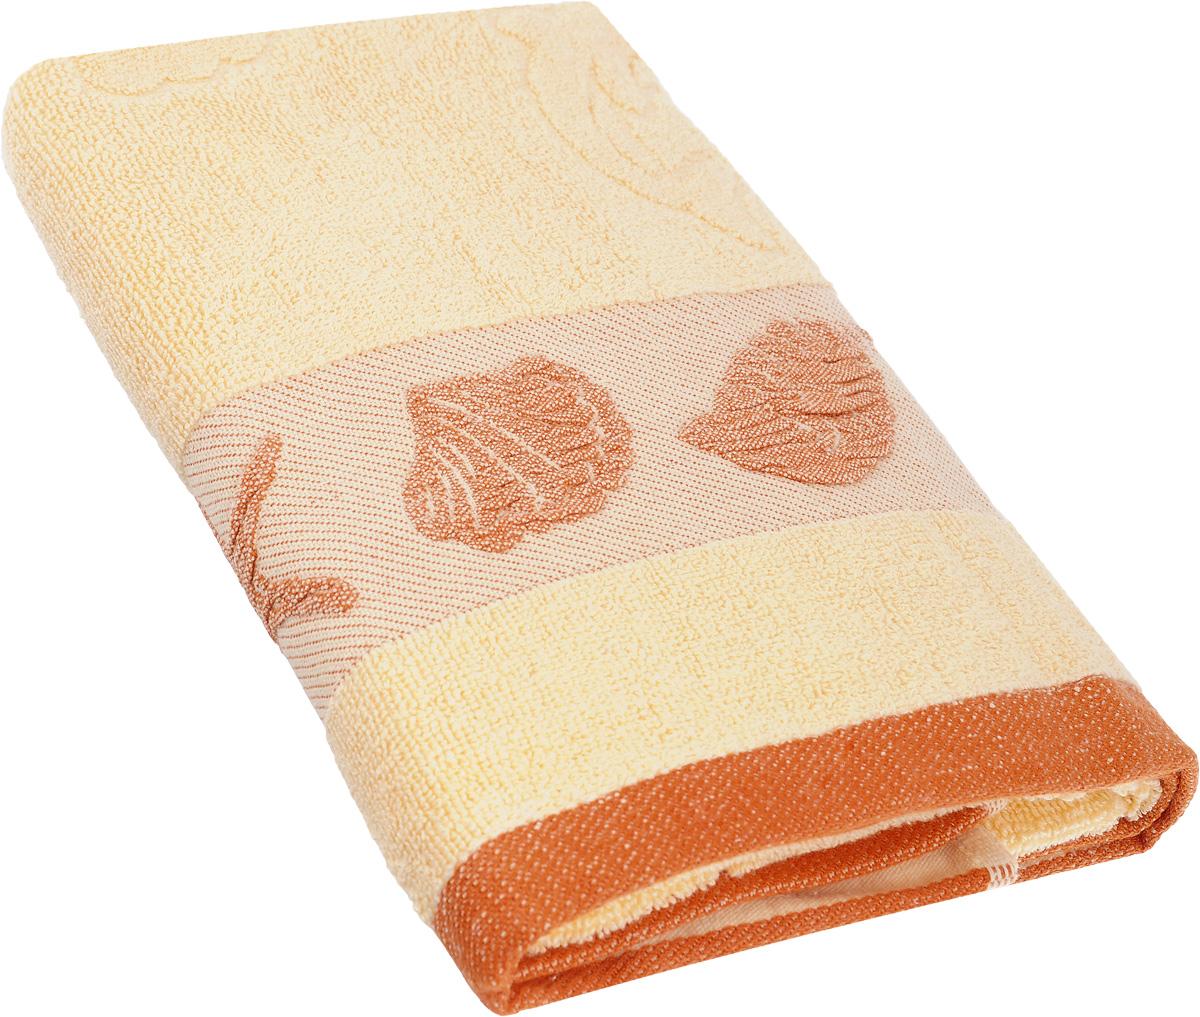 Полотенце Arya Marito, цвет: персиковый, оранжевый, 50 х 100 см391602Полотенце Arya Marito выполнено из 100% хлопка. Изделие отлично впитывает влагу, быстро сохнет, сохраняет яркость цвета и не теряет форму даже после многократных стирок. Такое полотенце очень практично и неприхотливо в уходе. Оно создаст прекрасное настроение и украсит интерьер в ванной комнате.